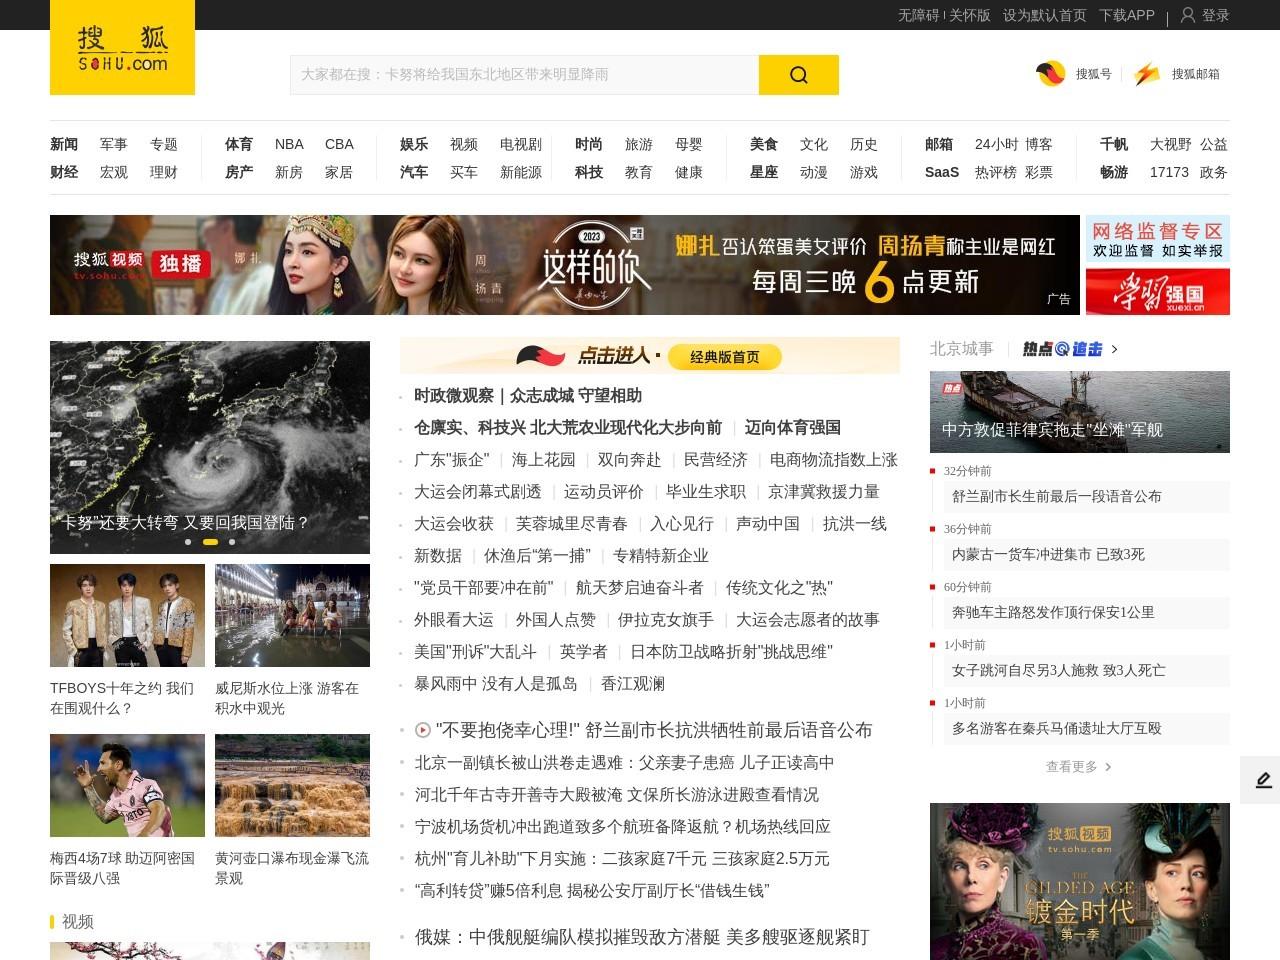 """""""搜狐新闻雪山行""""今日启程 明星队员沿途直播西宁美景_国家登山队"""